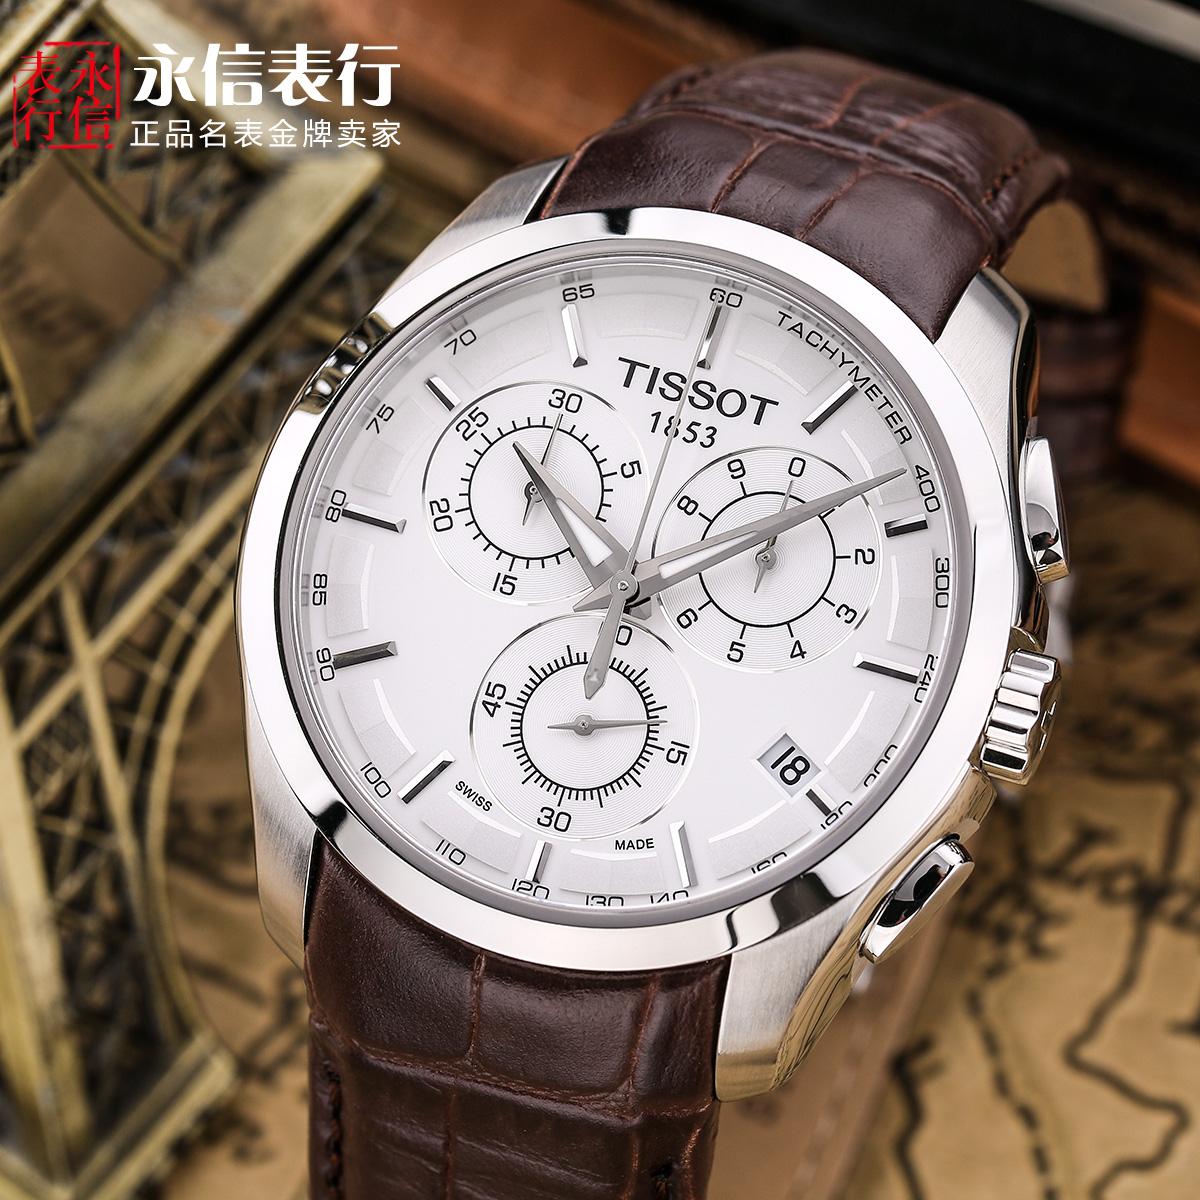 Швейцарские наручные часы Tissot  T035.617.16.031.00